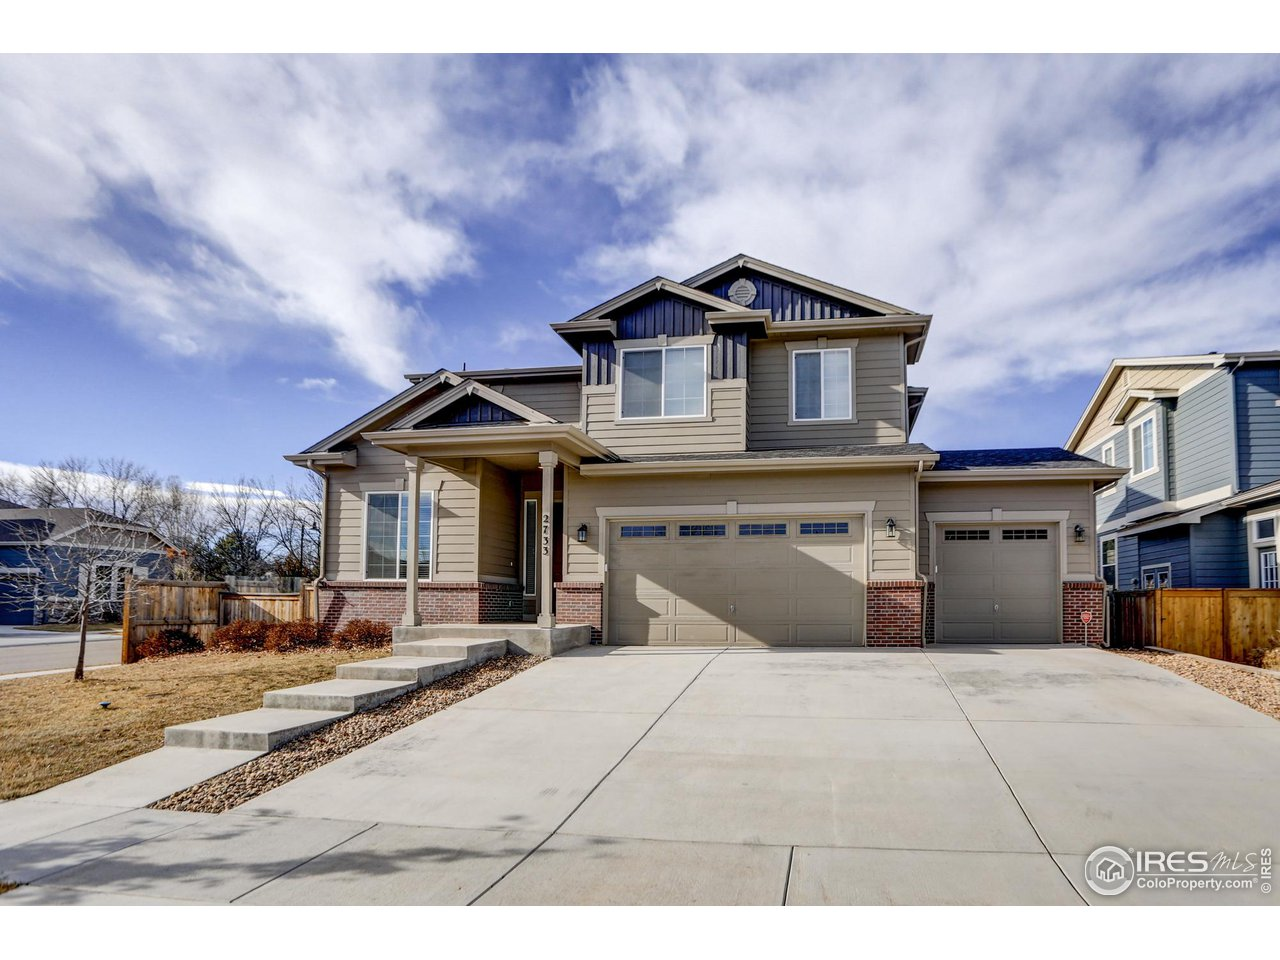 2733 Bluebonnet Ln, Fort Collins CO 80525